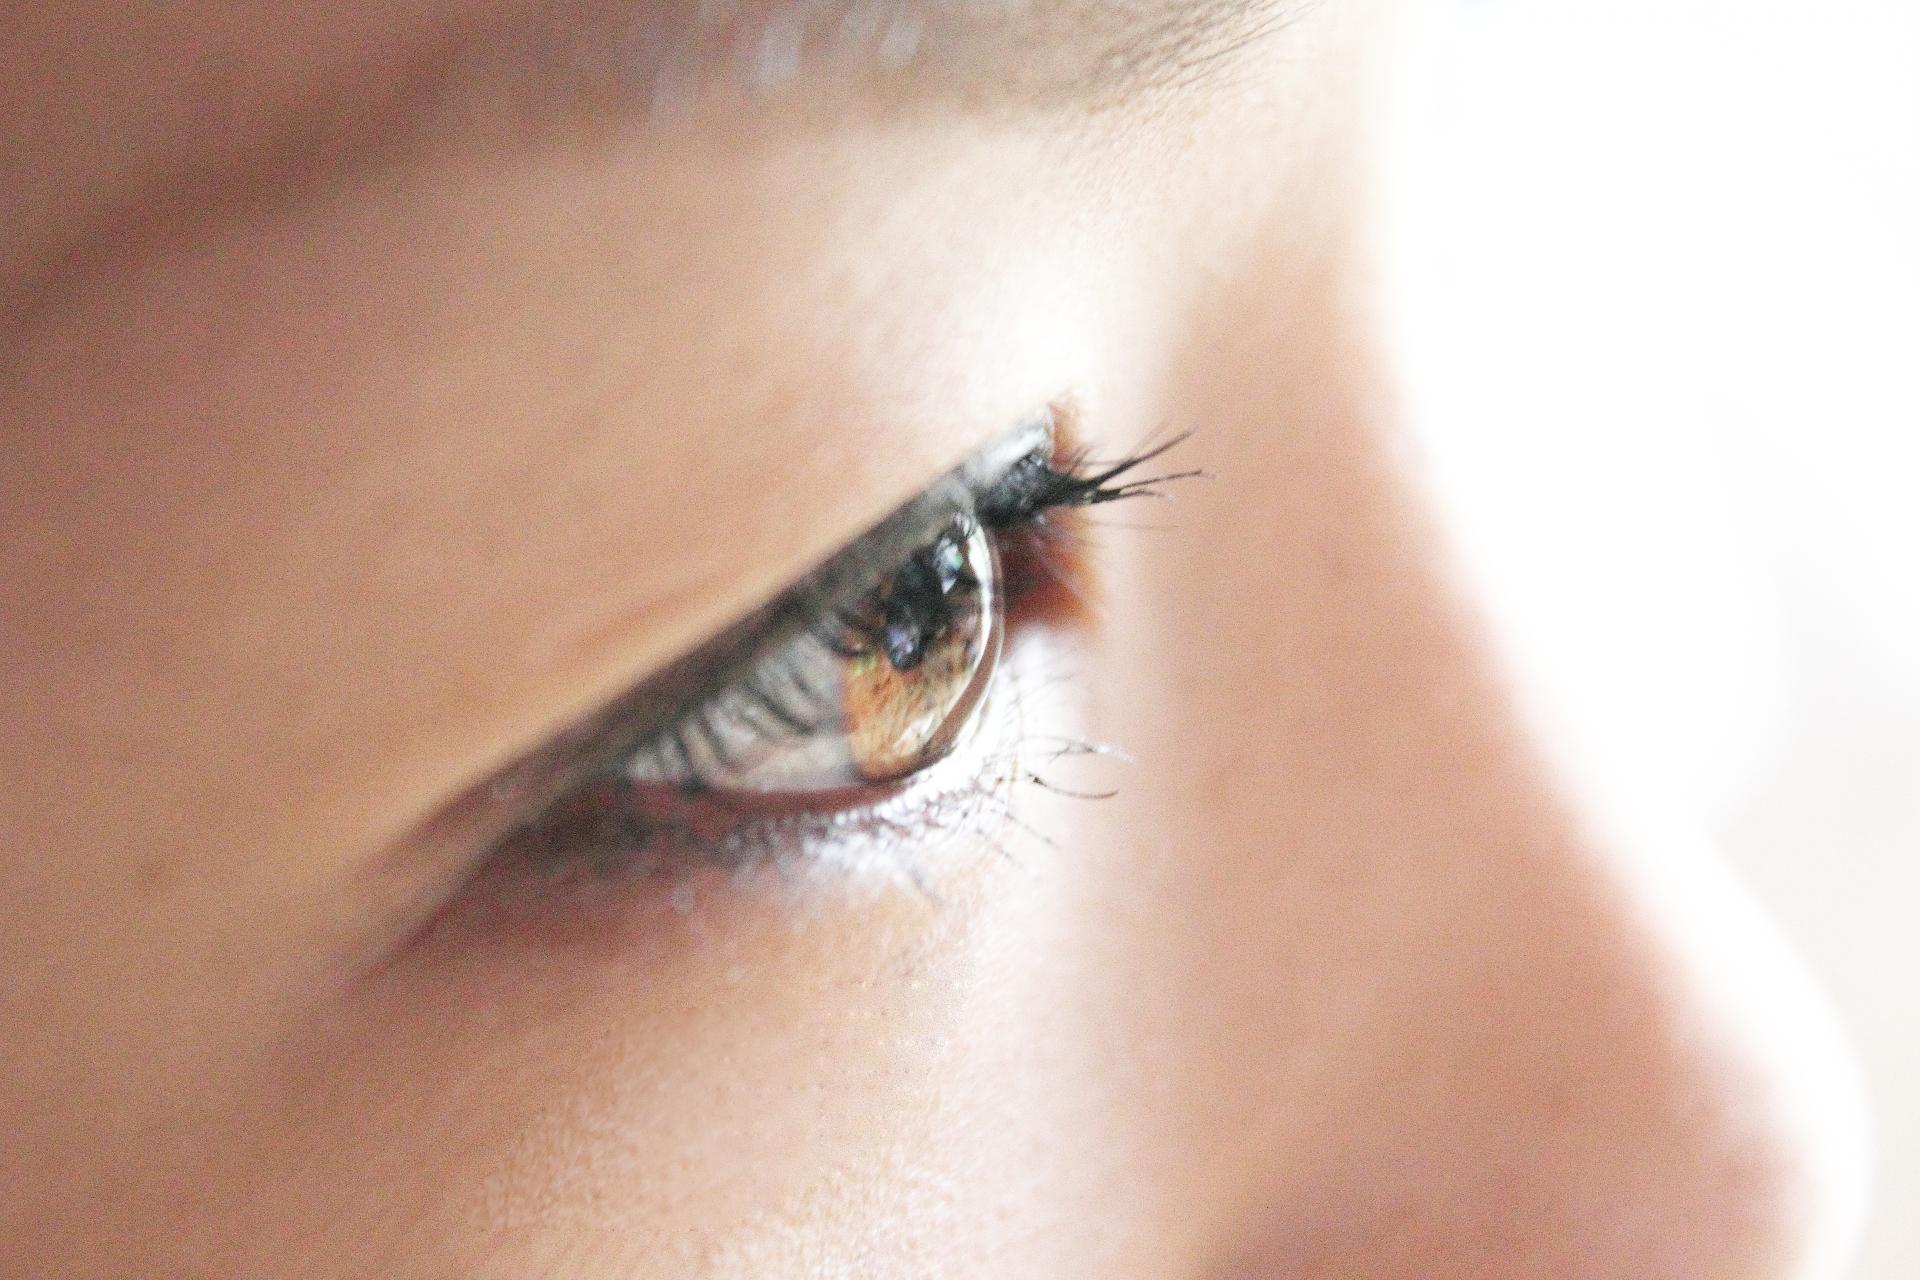 目の周りの皮膚